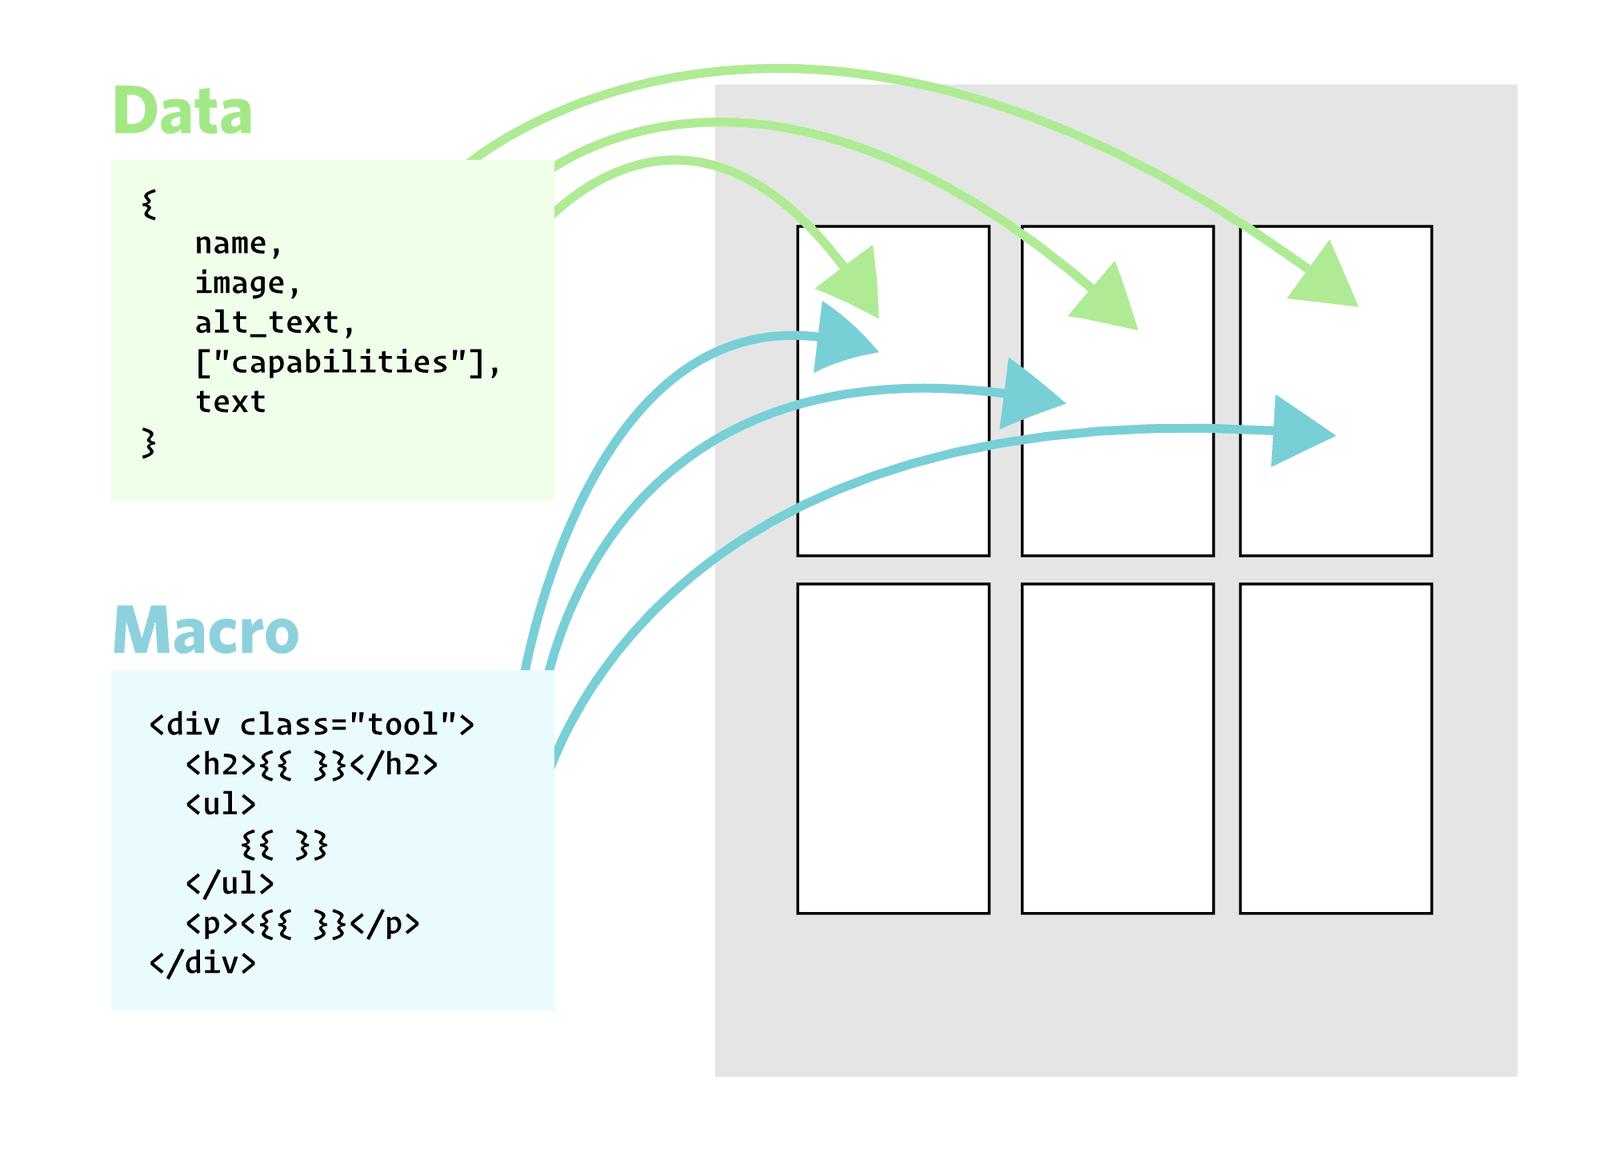 Le HTML vient de la macro, les données peuvent venir de n'importe où